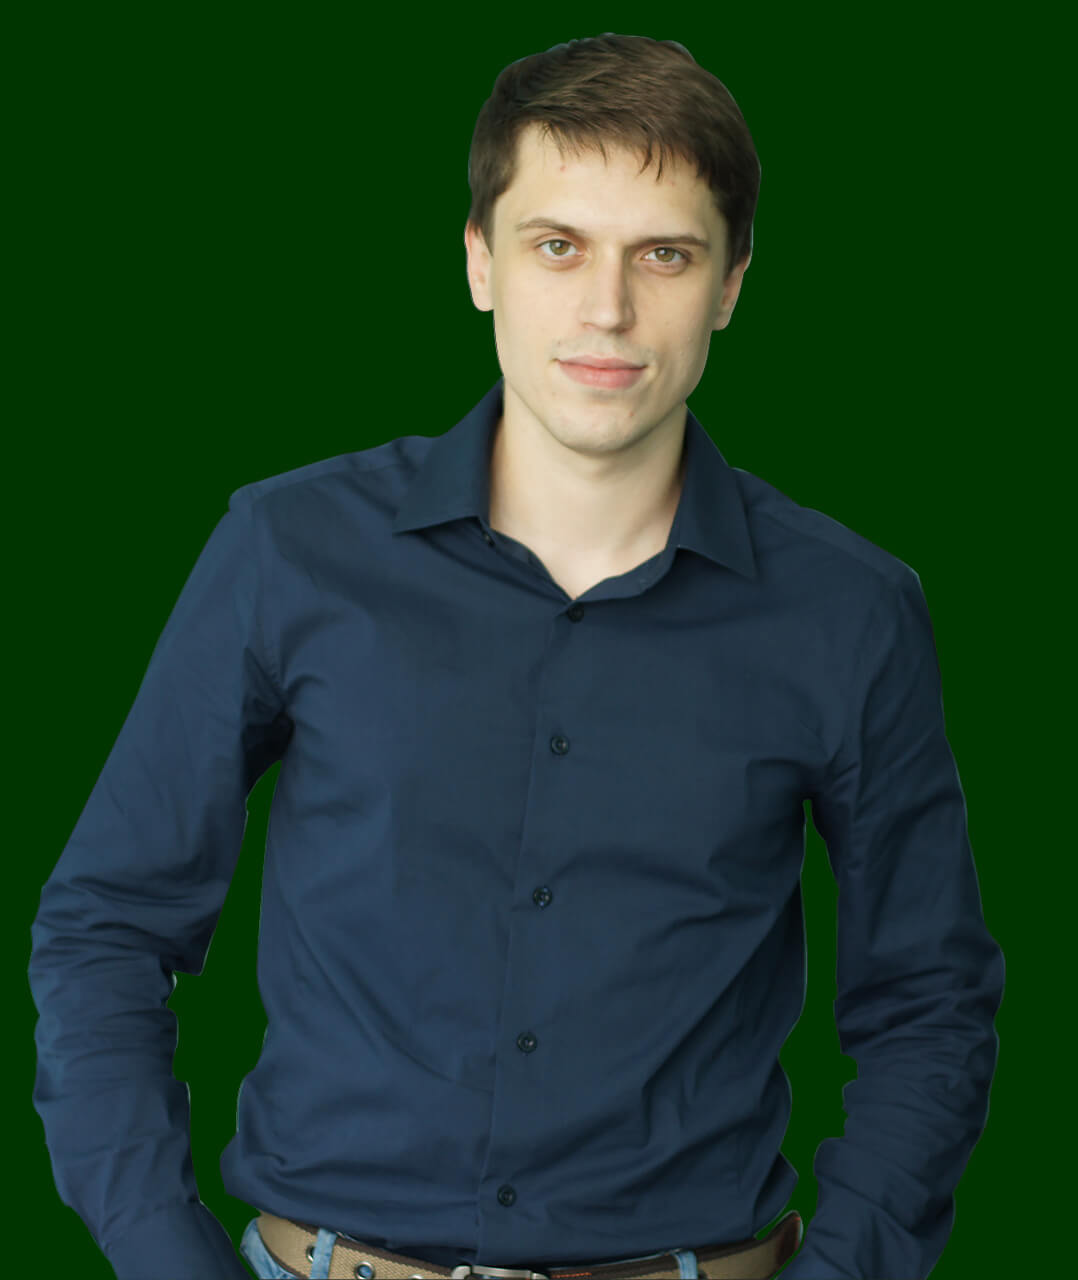 Руководитель проектов Омниспро Иванов Константин